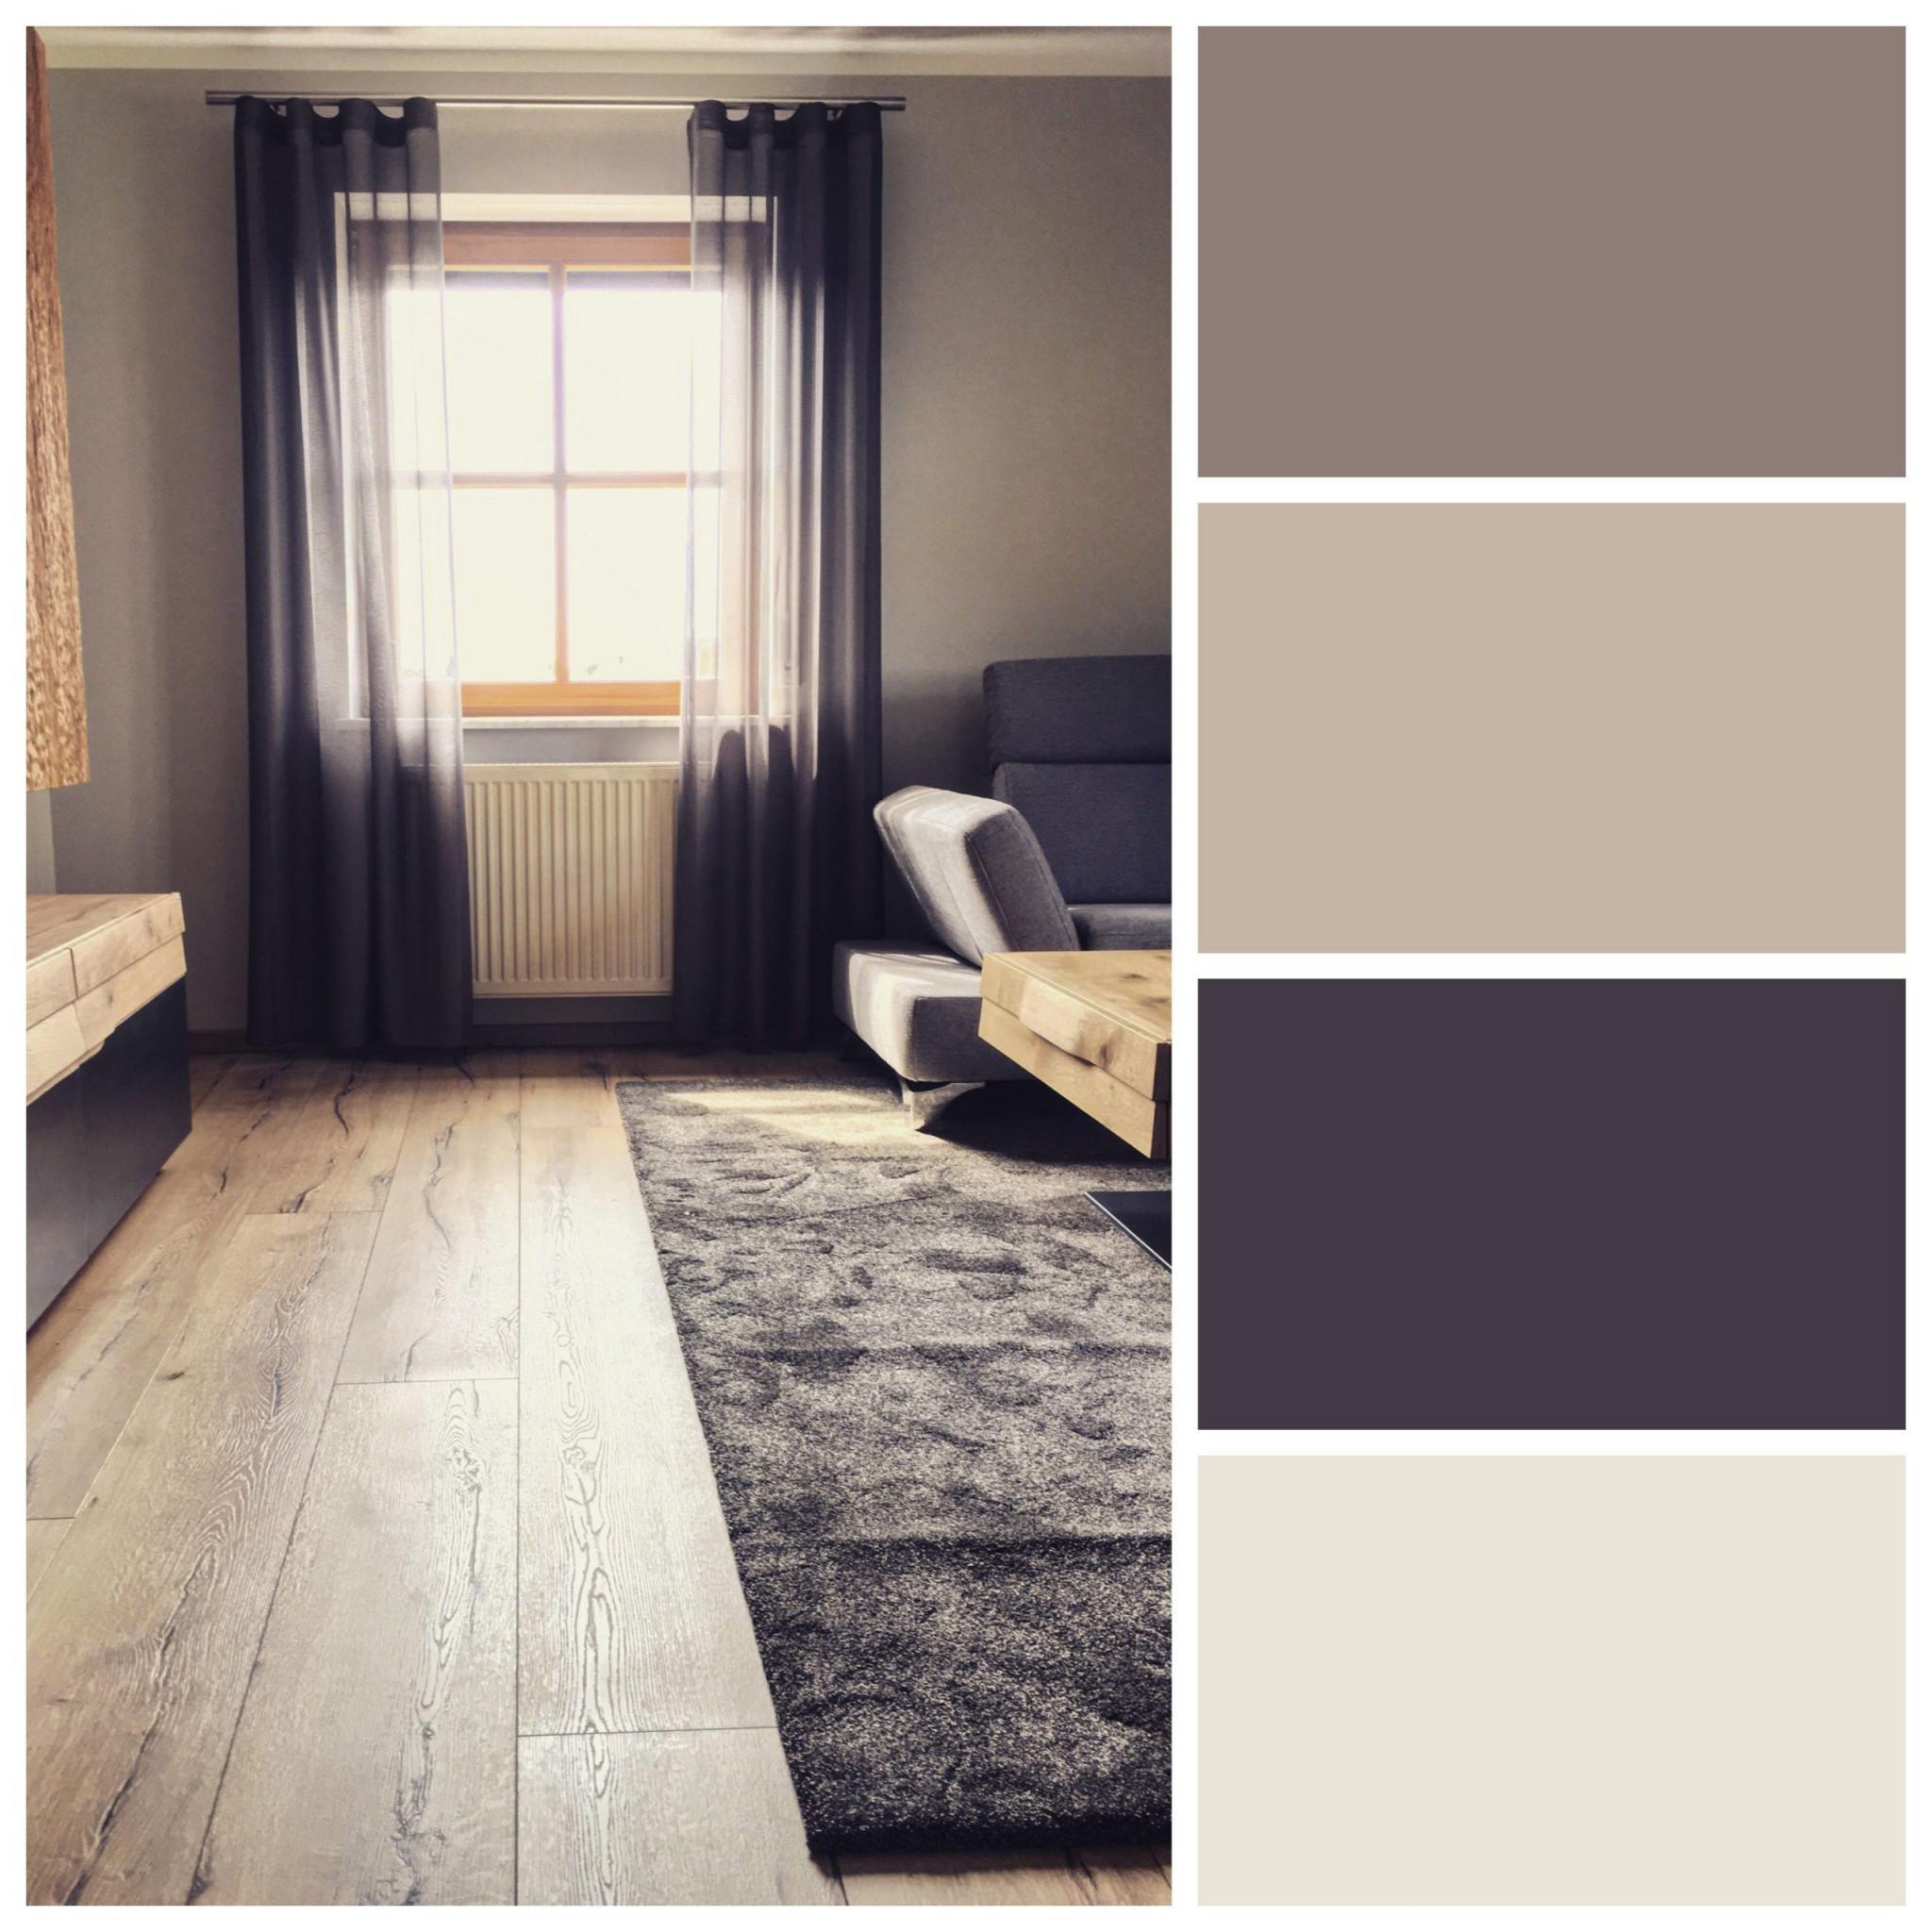 Moderne Farben Im Wohnzimmer  Wohnzimmer Modern von Moderne Wandfarbe Wohnzimmer Bild